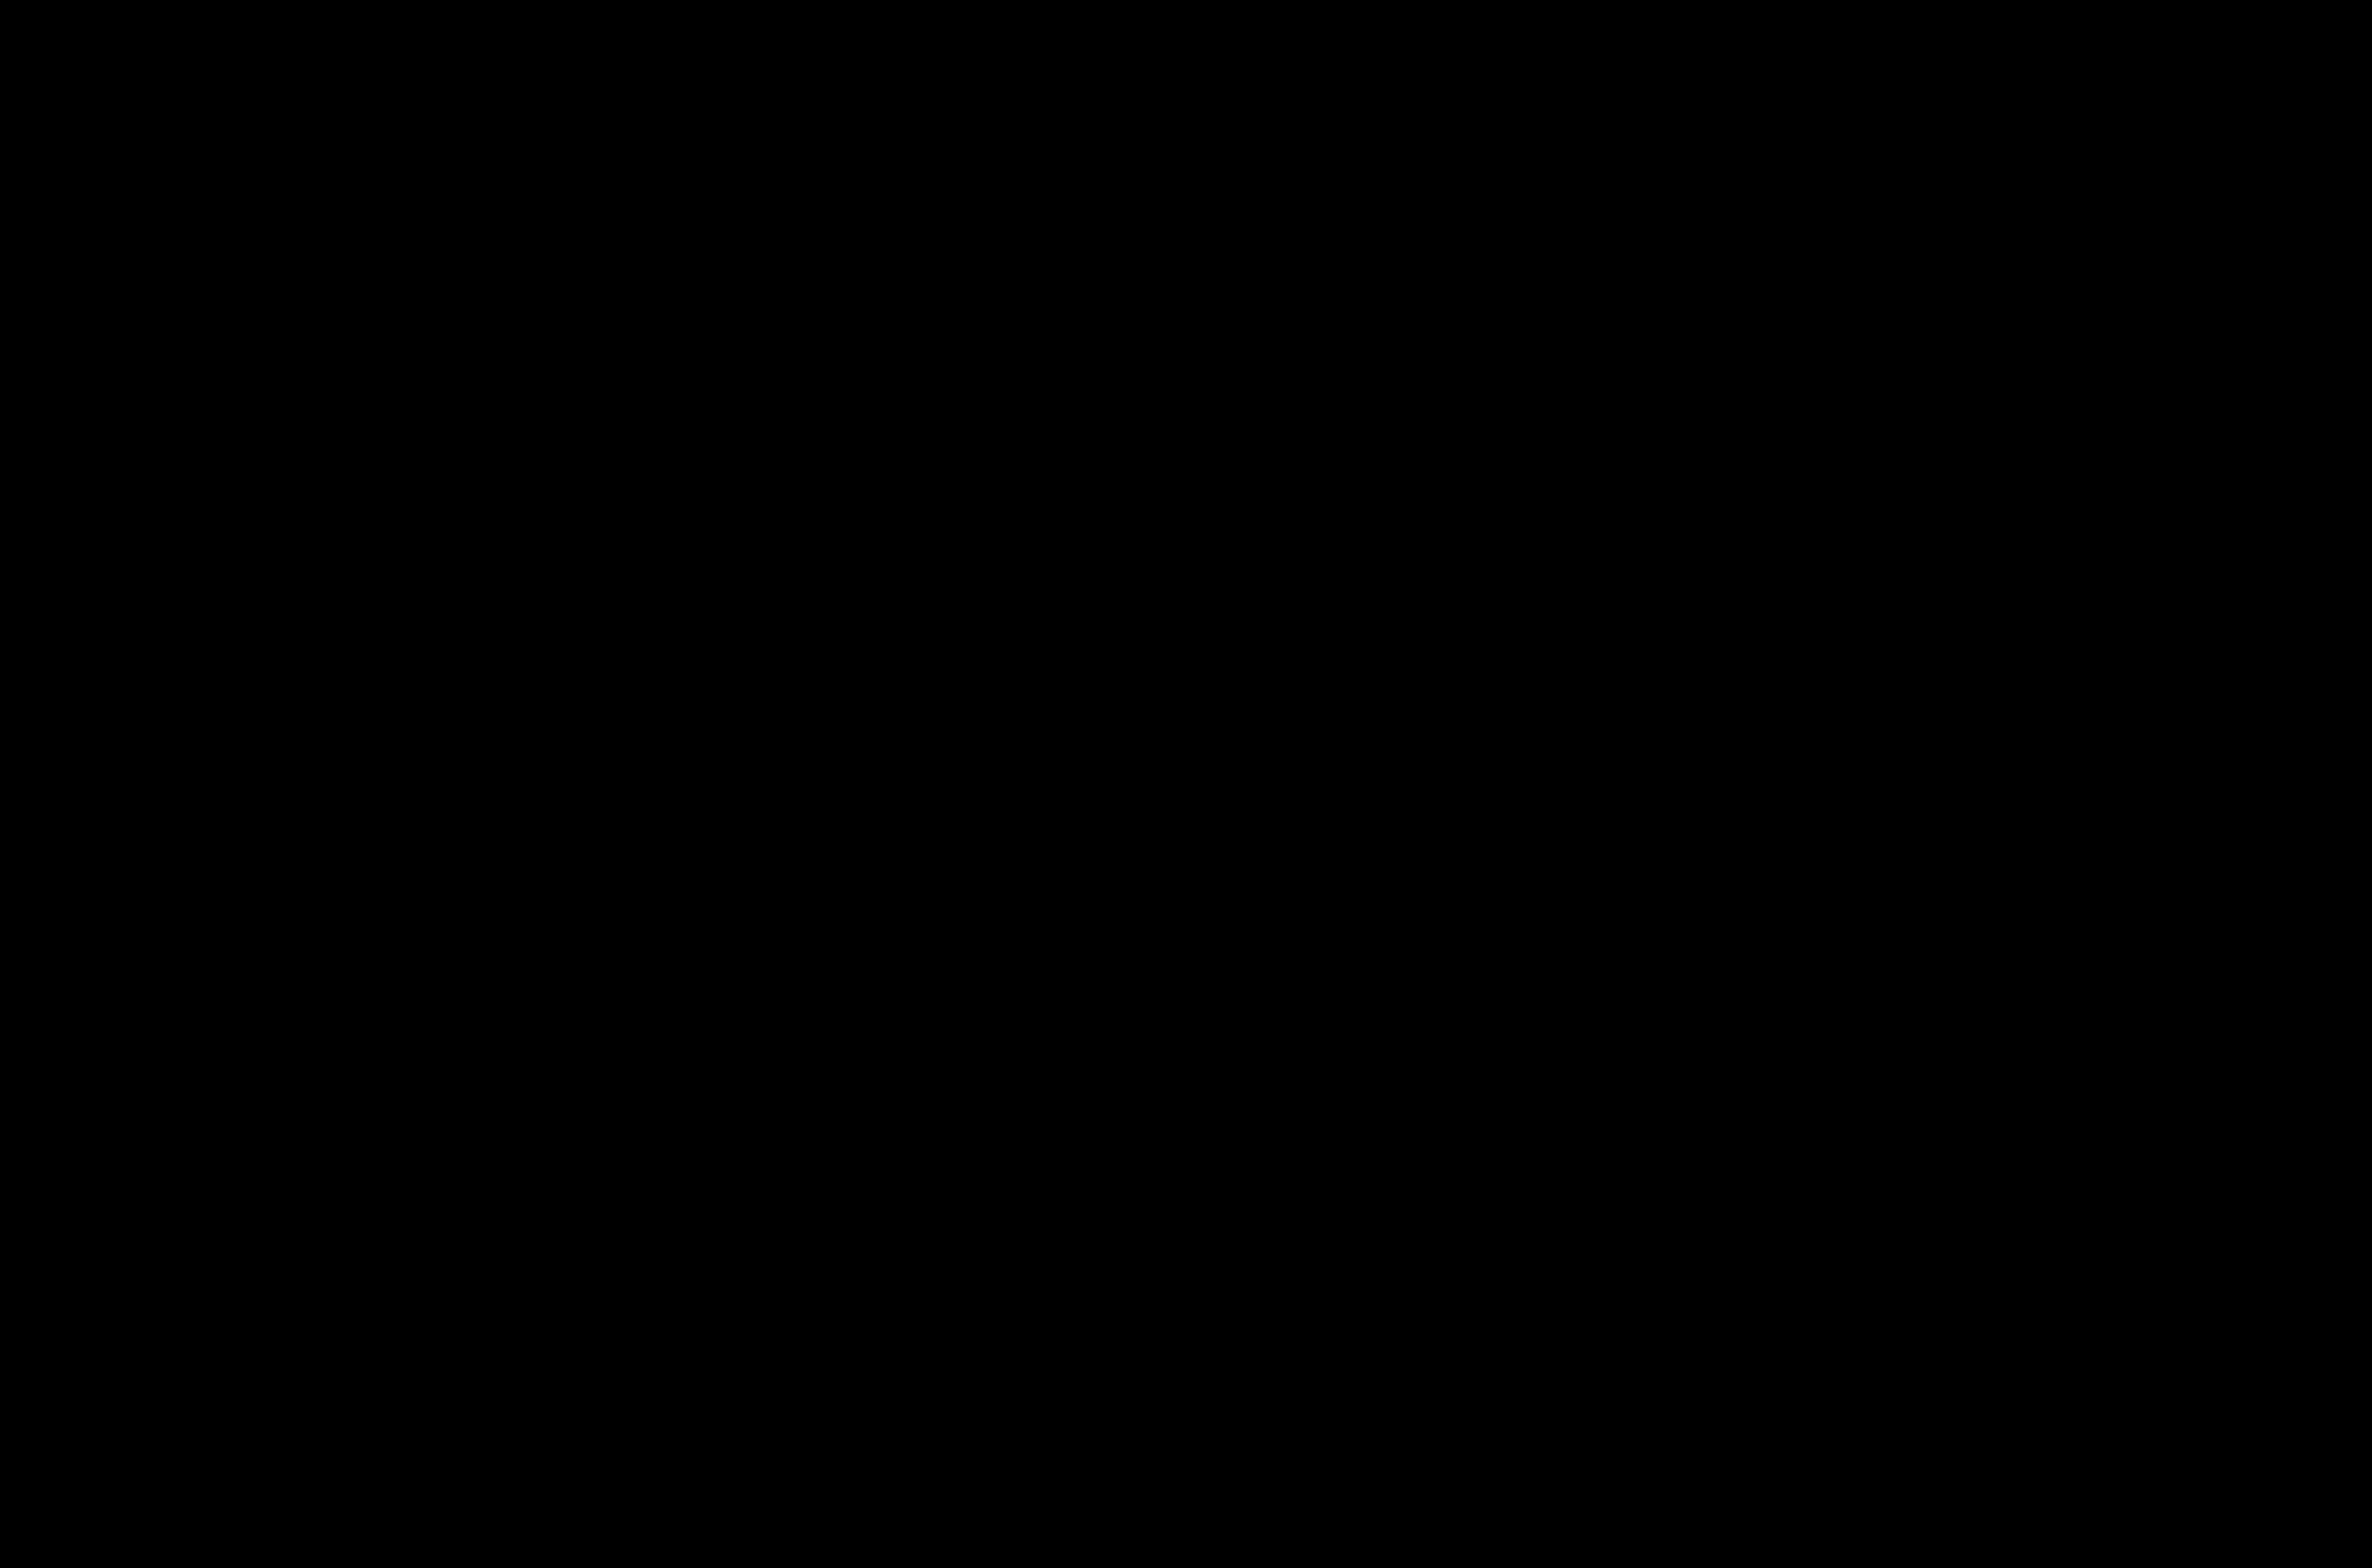 3840x2160 Porsche 911 Cars Desktop Wallpapers 4K Ultra HD